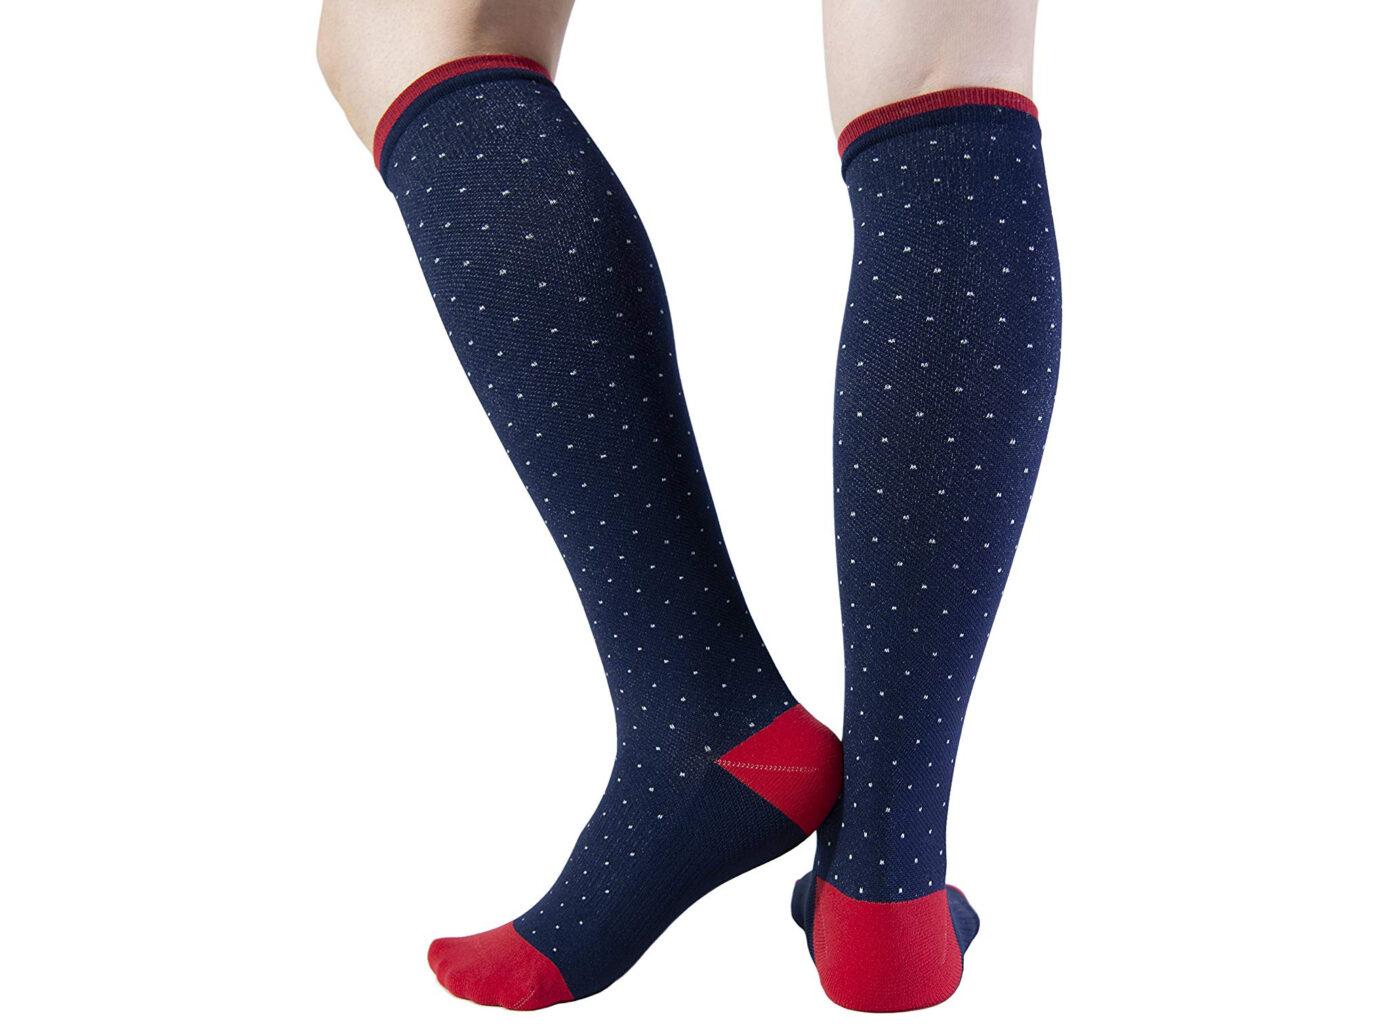 Trtl Compression Socks